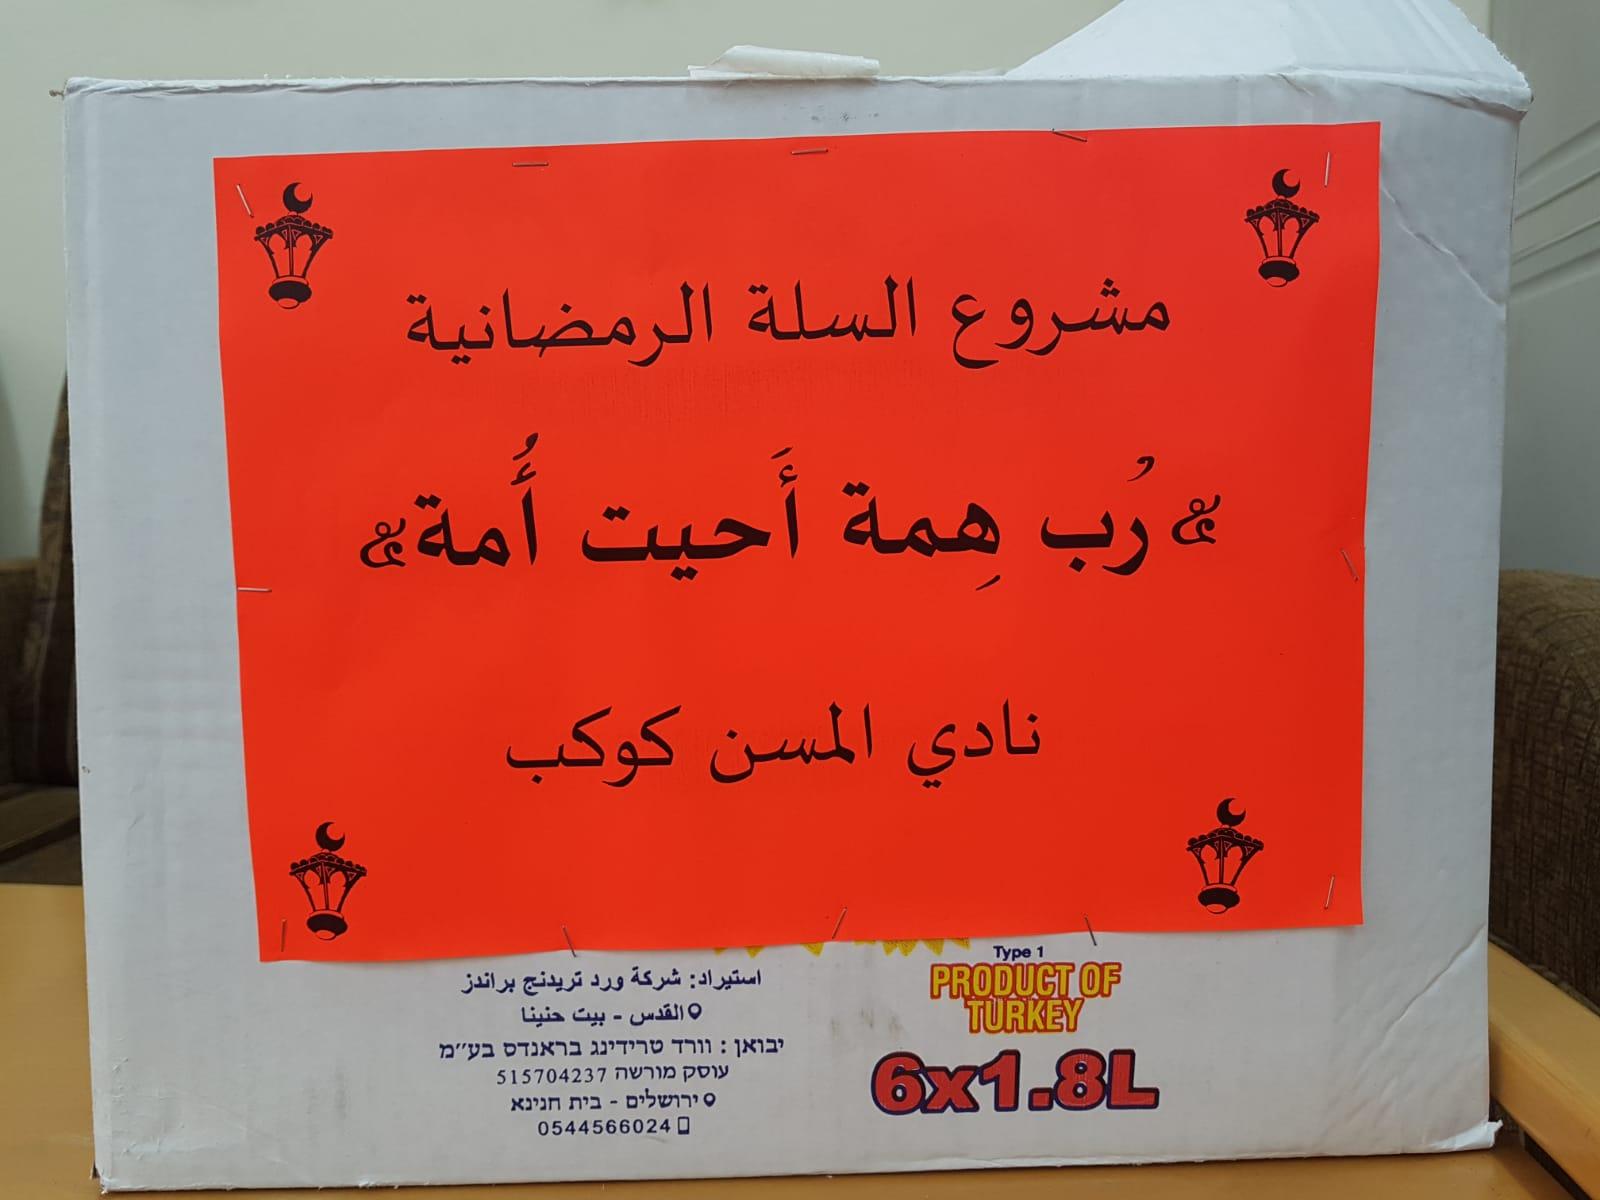 """تحت شعار""""رُب همة أحيت أمة"""" بيت المسن في كوكب ابو الهيجاء ينطلق بمشروع السلة الرمضانية"""